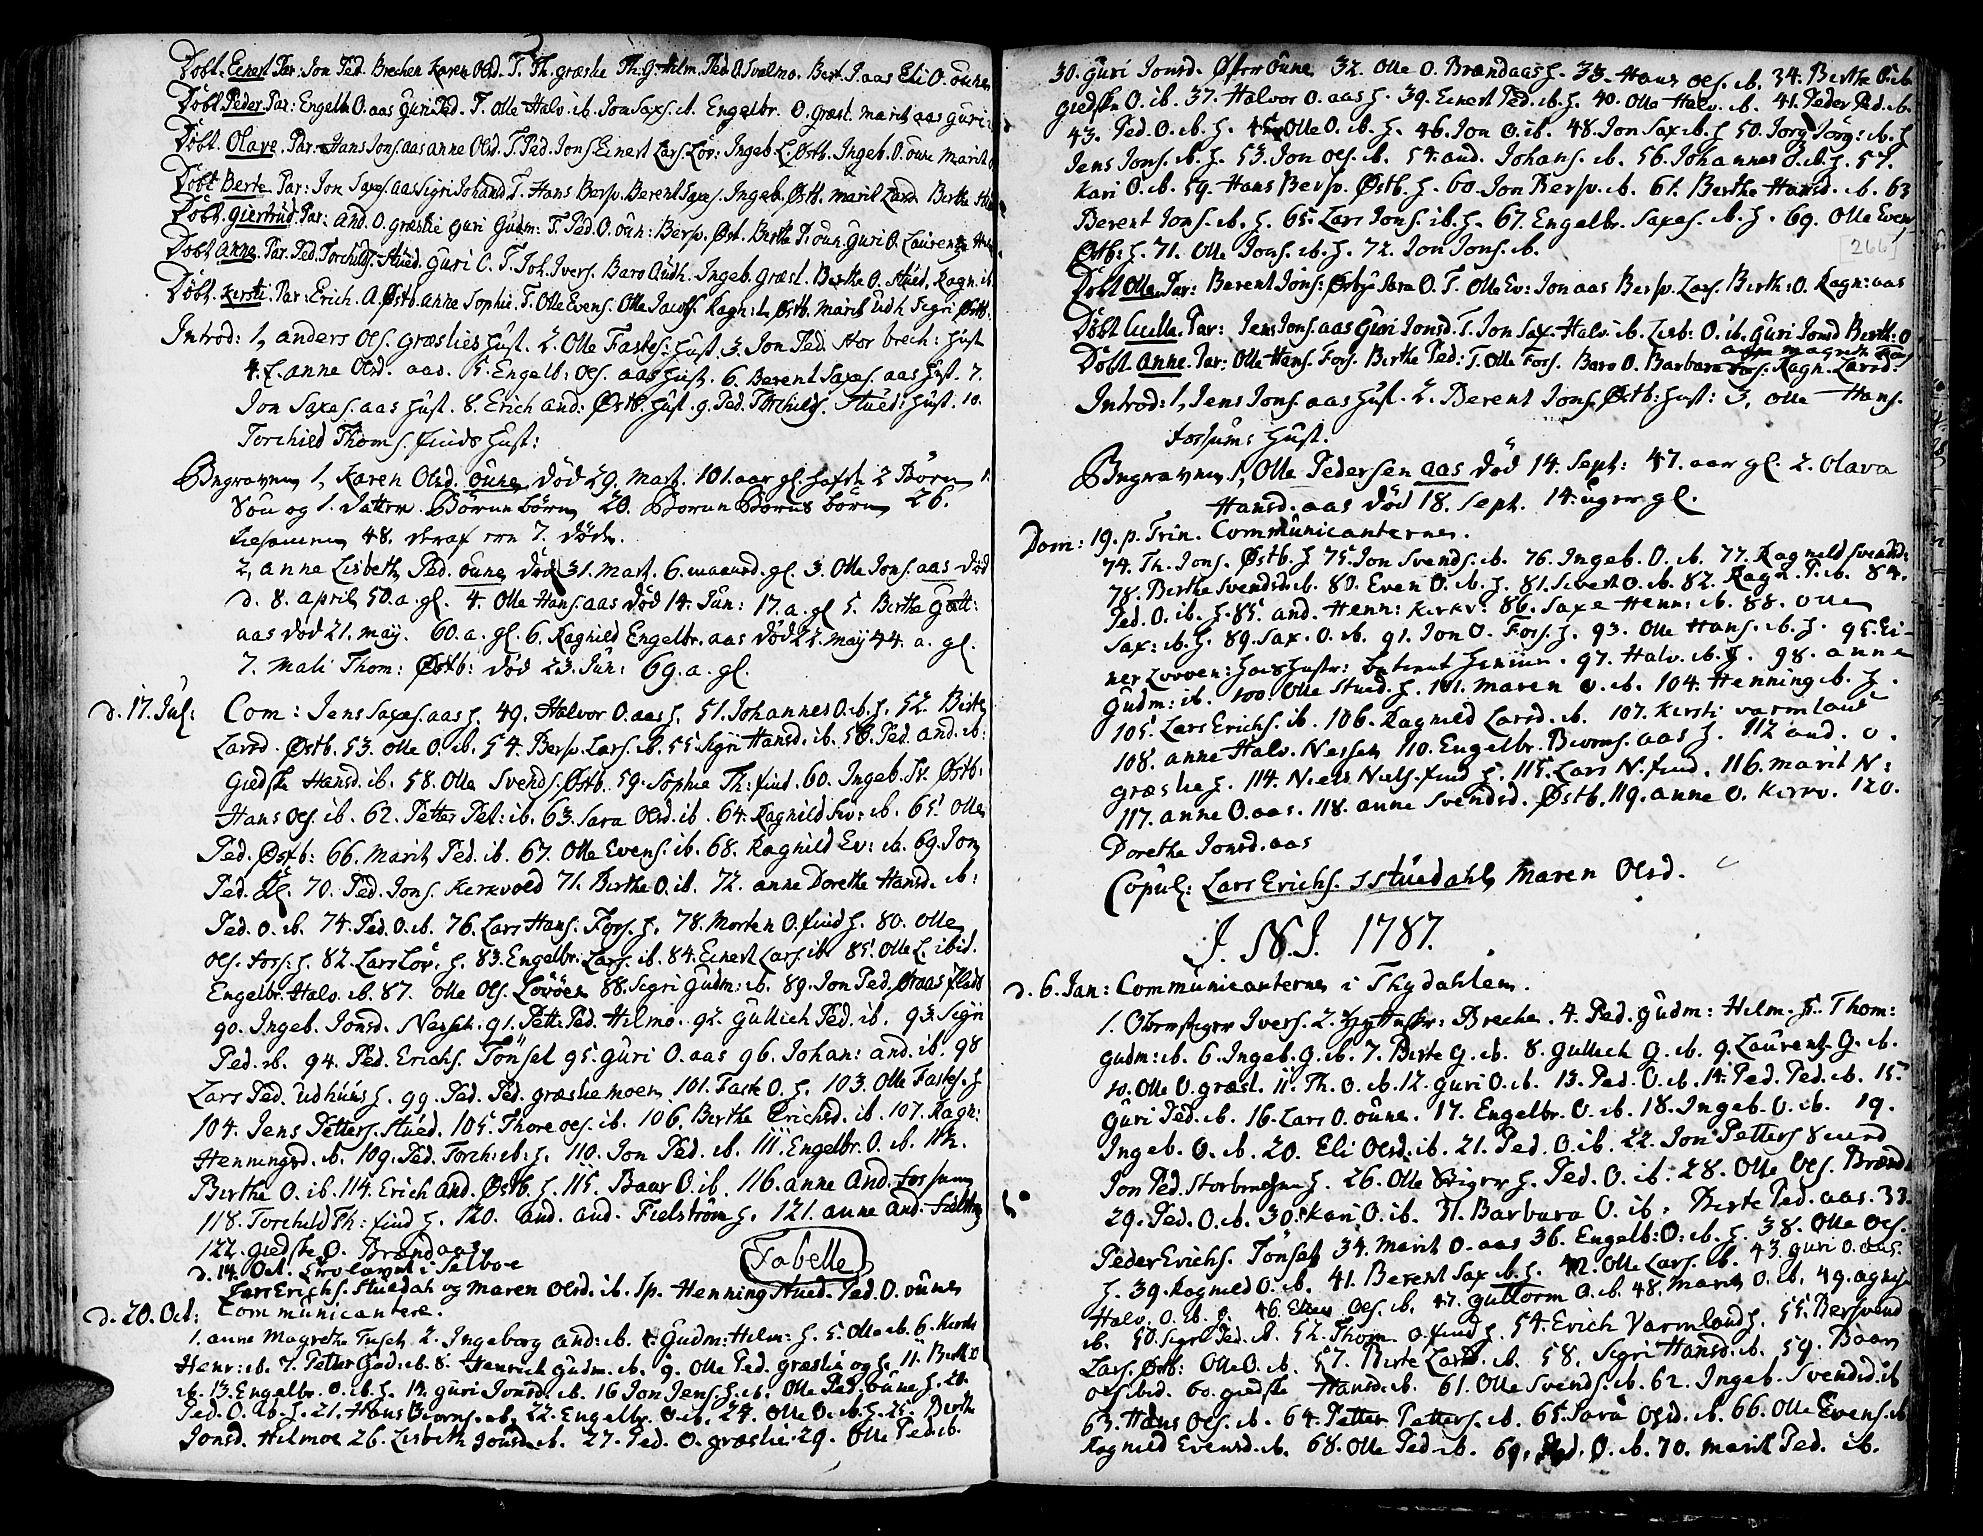 SAT, Ministerialprotokoller, klokkerbøker og fødselsregistre - Sør-Trøndelag, 695/L1139: Ministerialbok nr. 695A02 /2, 1776-1790, s. 266